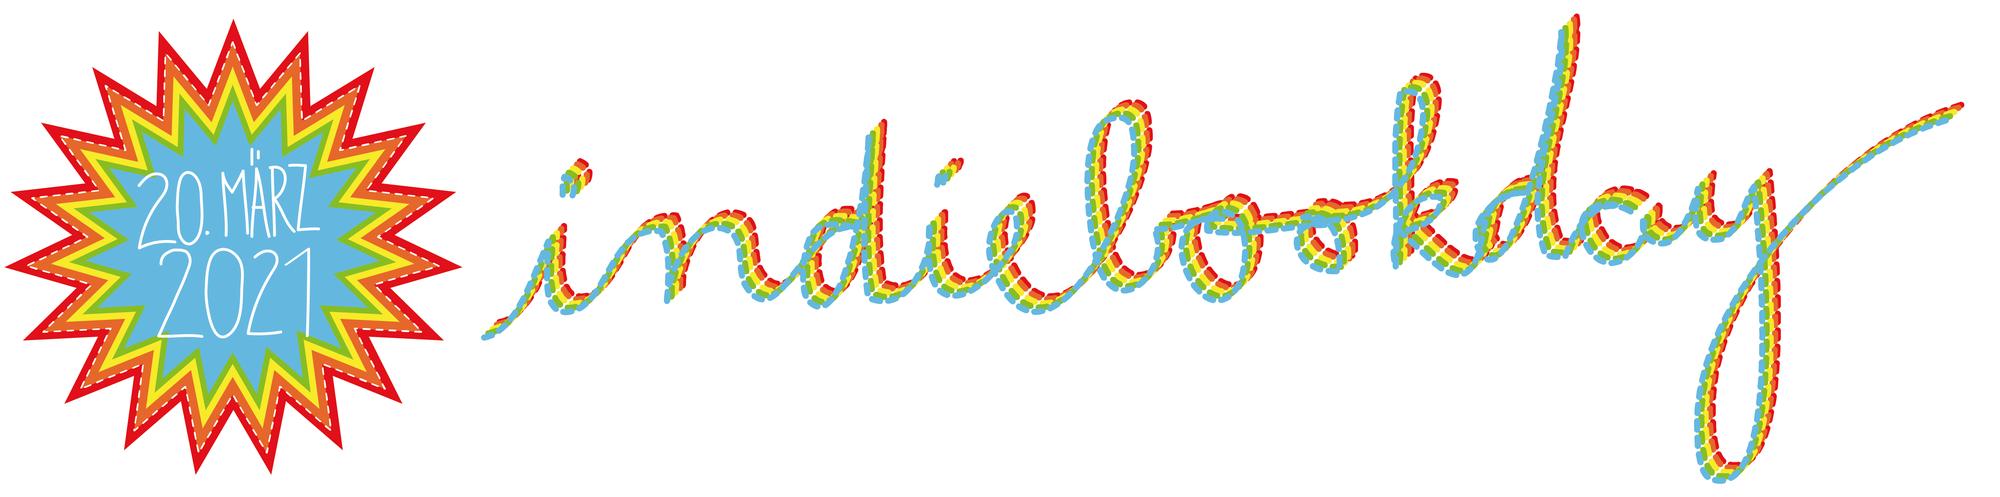 Indiebookday am 20. März 2021: Der Jahrestag für unabhängige Verlage